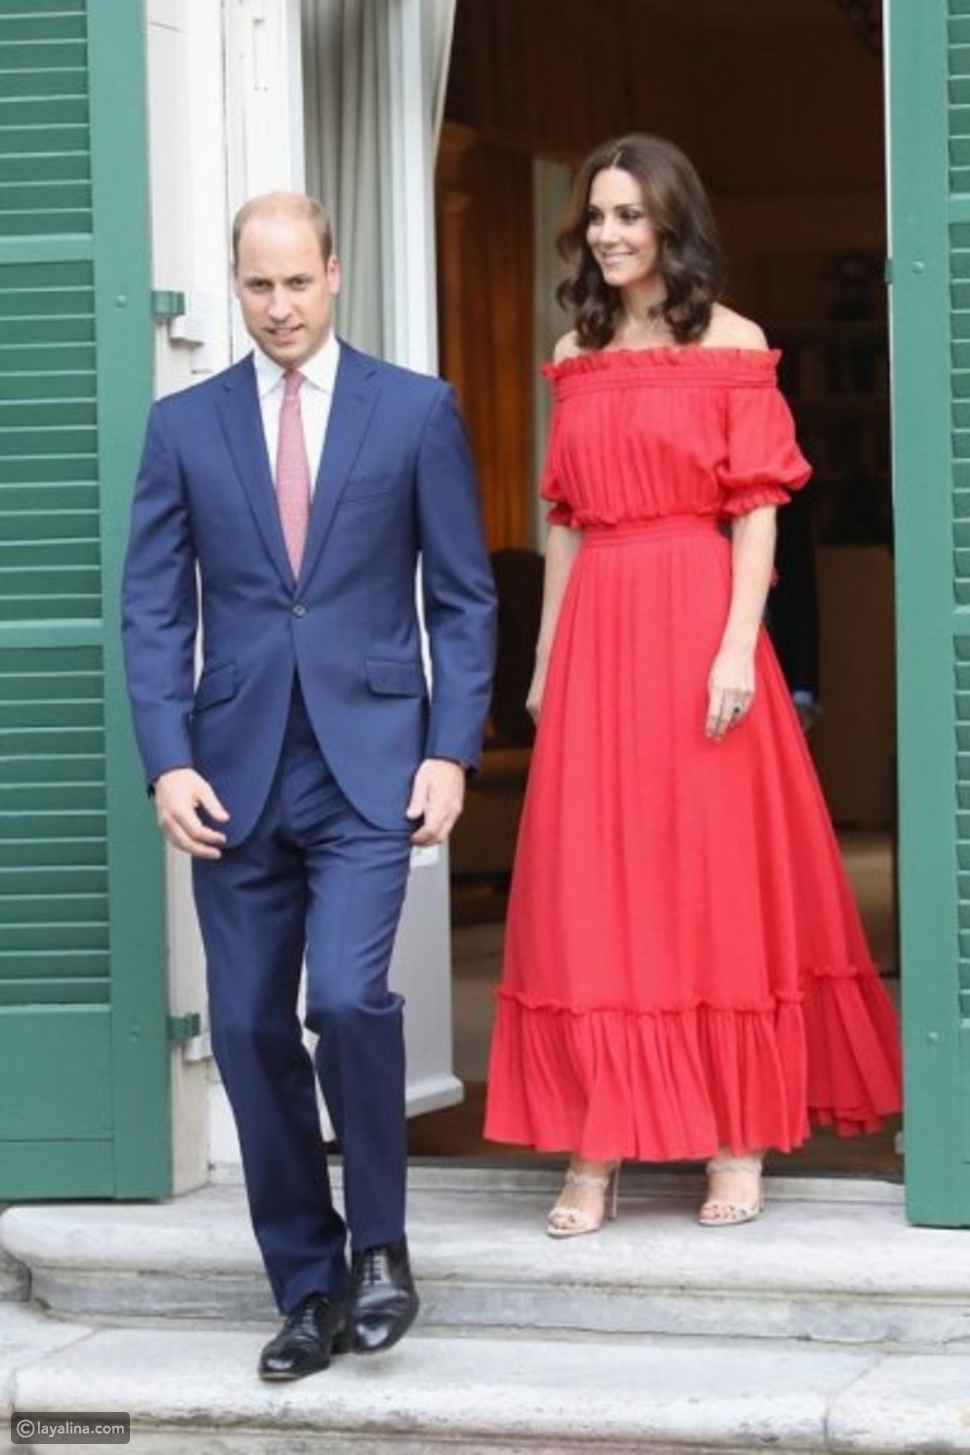 كيت ميدلتون ترتدي فستان أحمر منزلق الأكتاف وتكسر القوالب المعتادة في أزياء الملكات